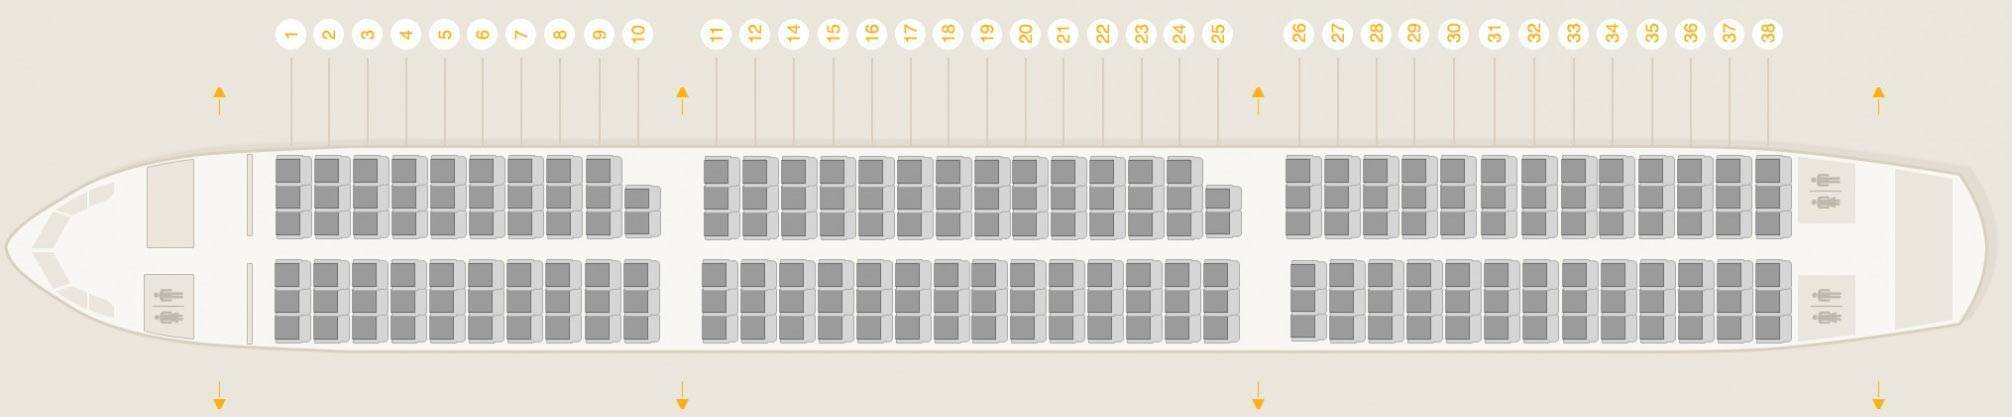 Схема салона самолета аэробус а330 200 норд винд